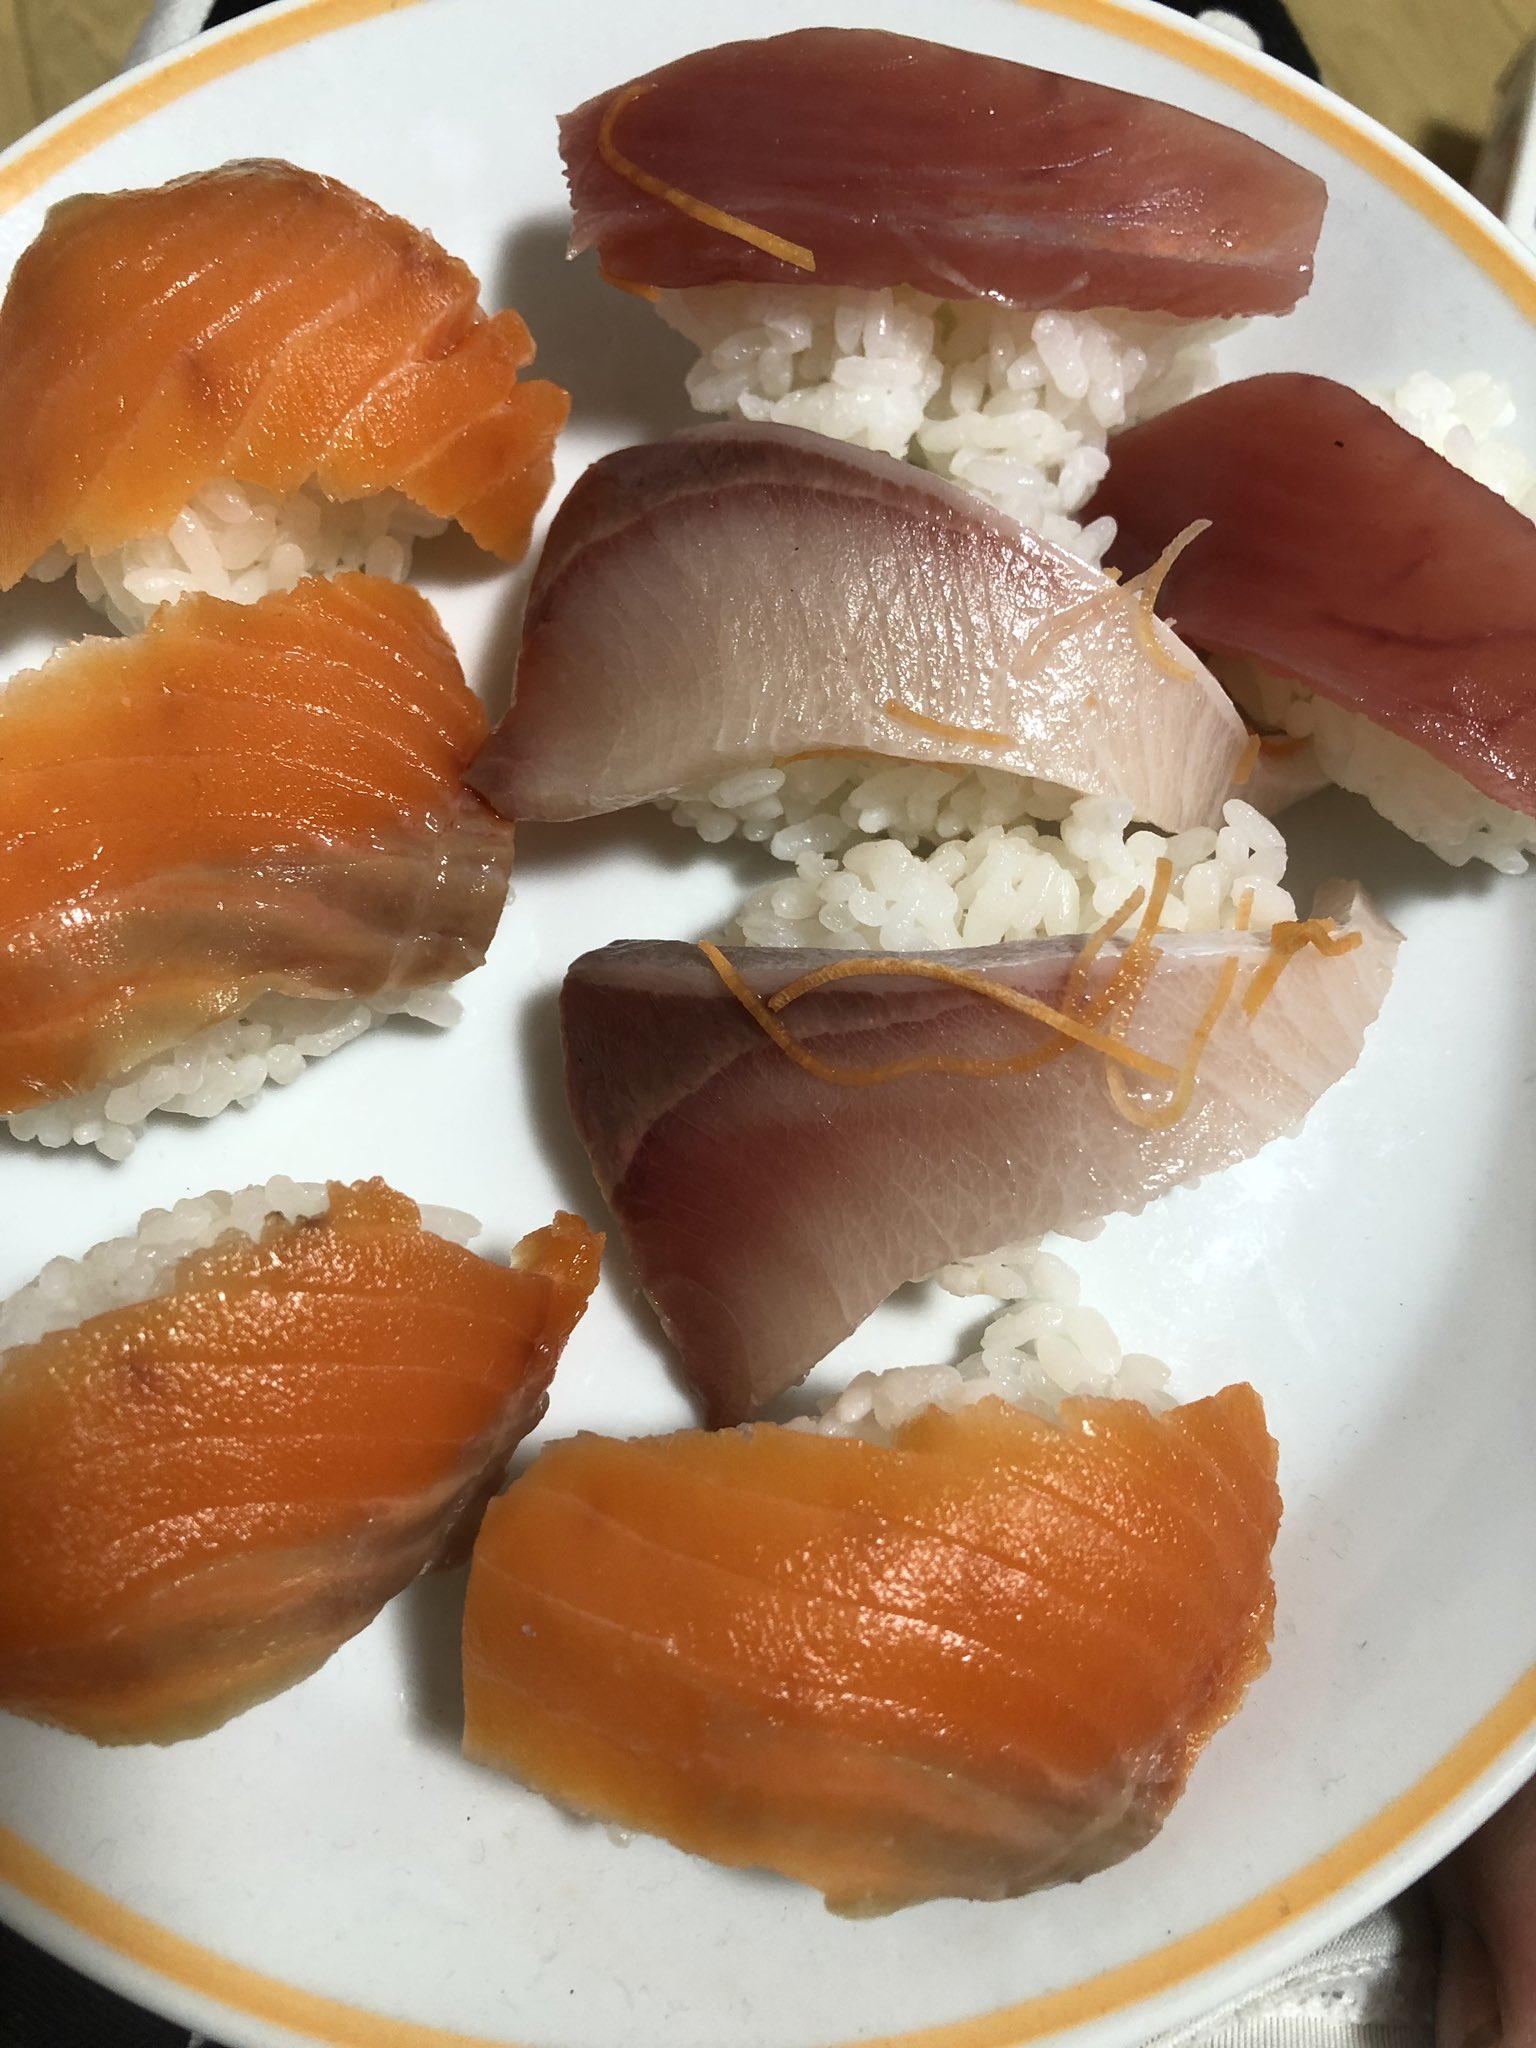 【画像】僕ニート。ママが昨日買ってきた刺し身で寿司を作るwwwwwwwwwwwwww